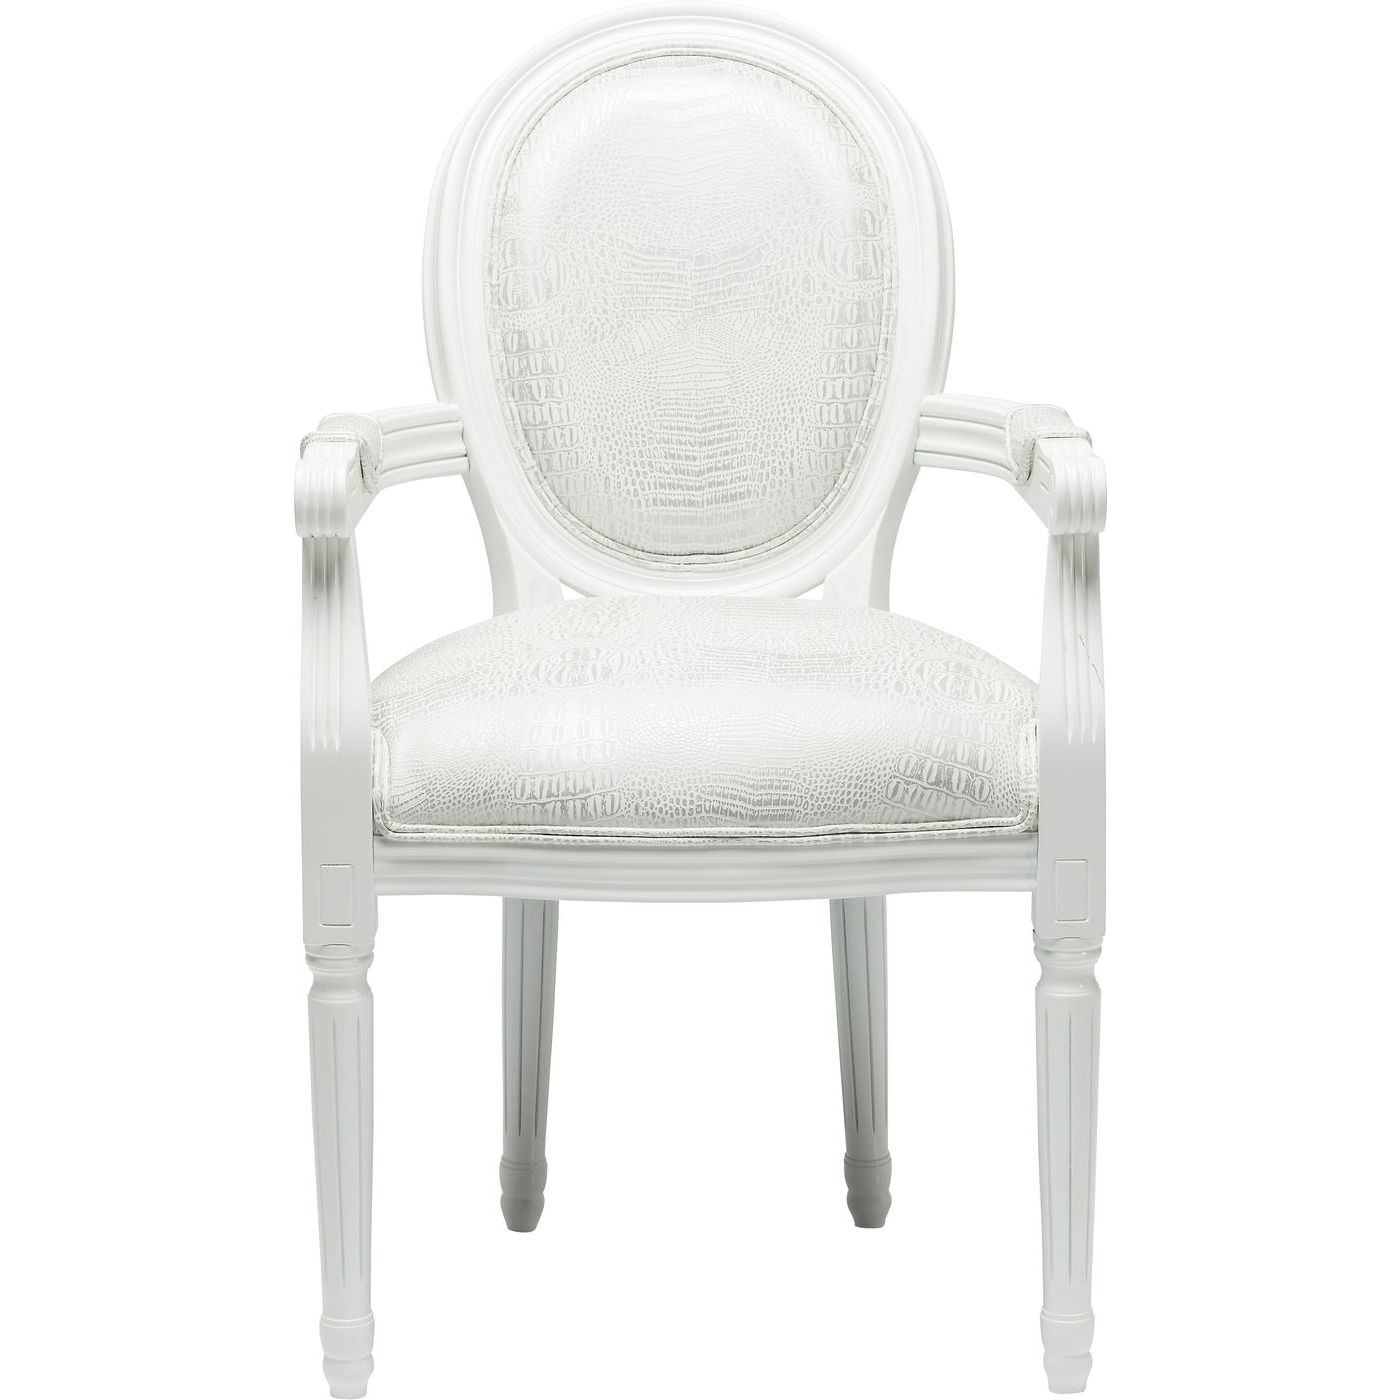 Image of   Kare Design Spisebordsstol m. armlæn, Gastro Louis White